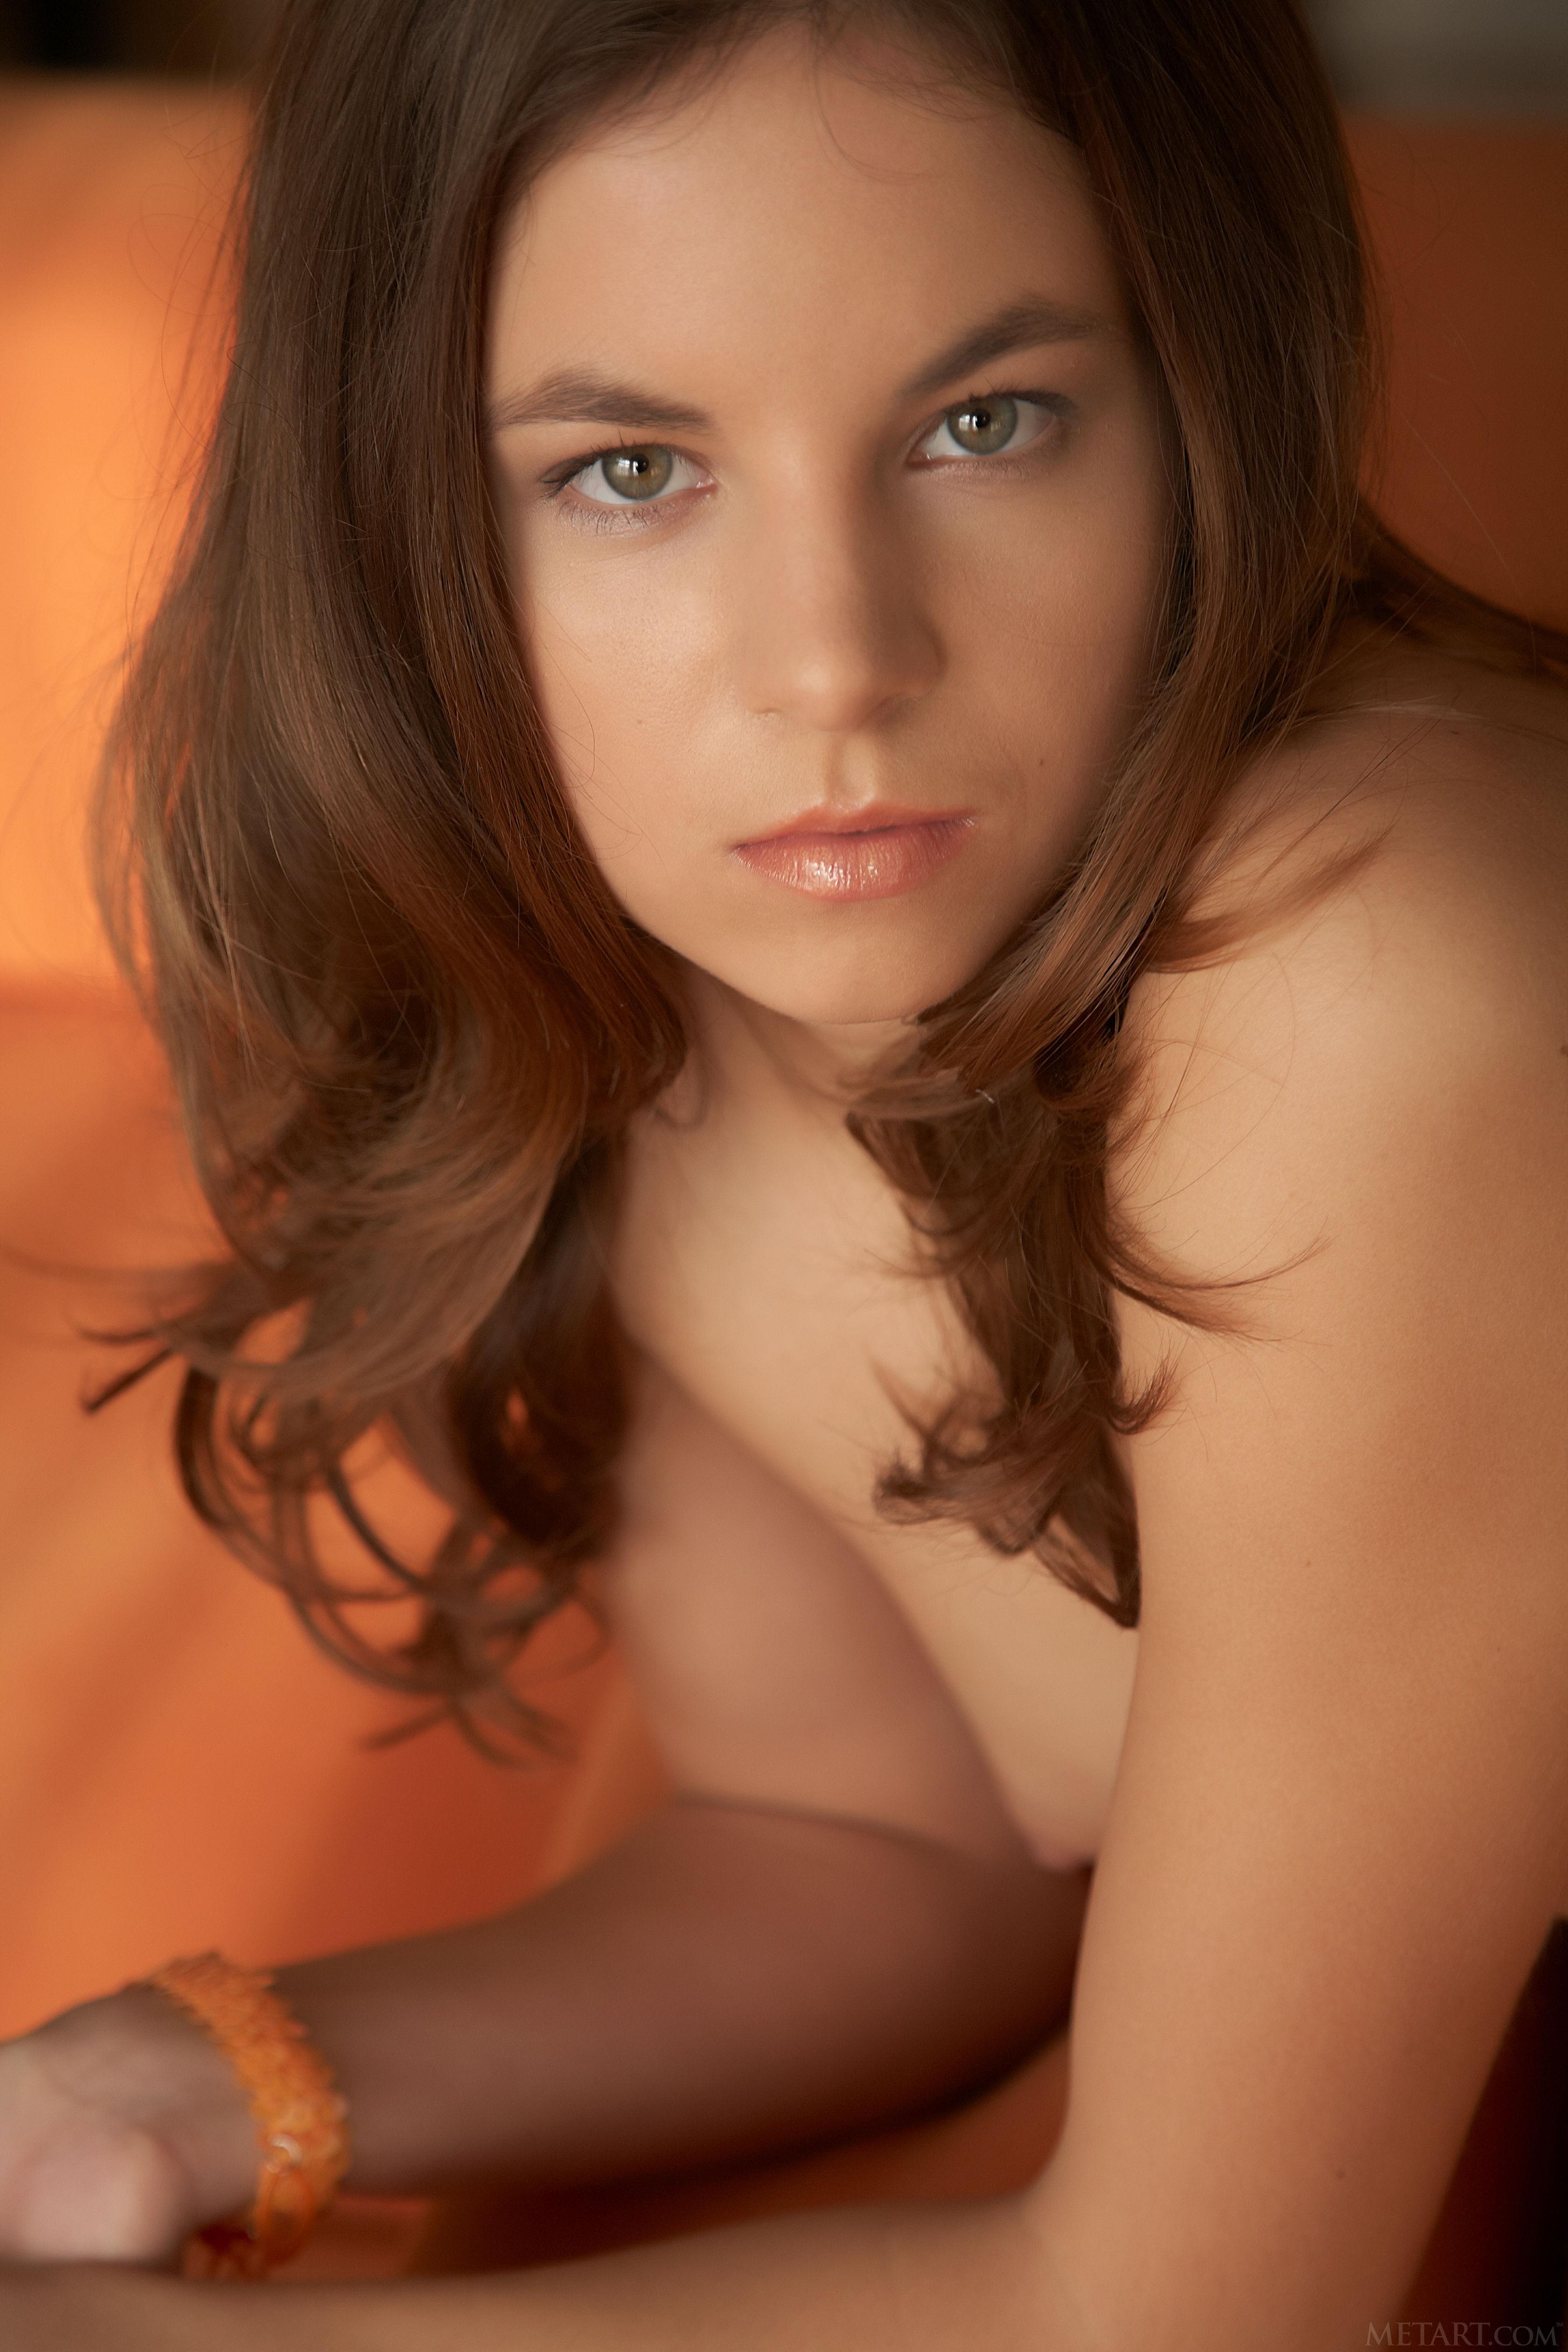 Dating Altea Women - Altea Single Girls - Meet Altea Ladies (Spain)